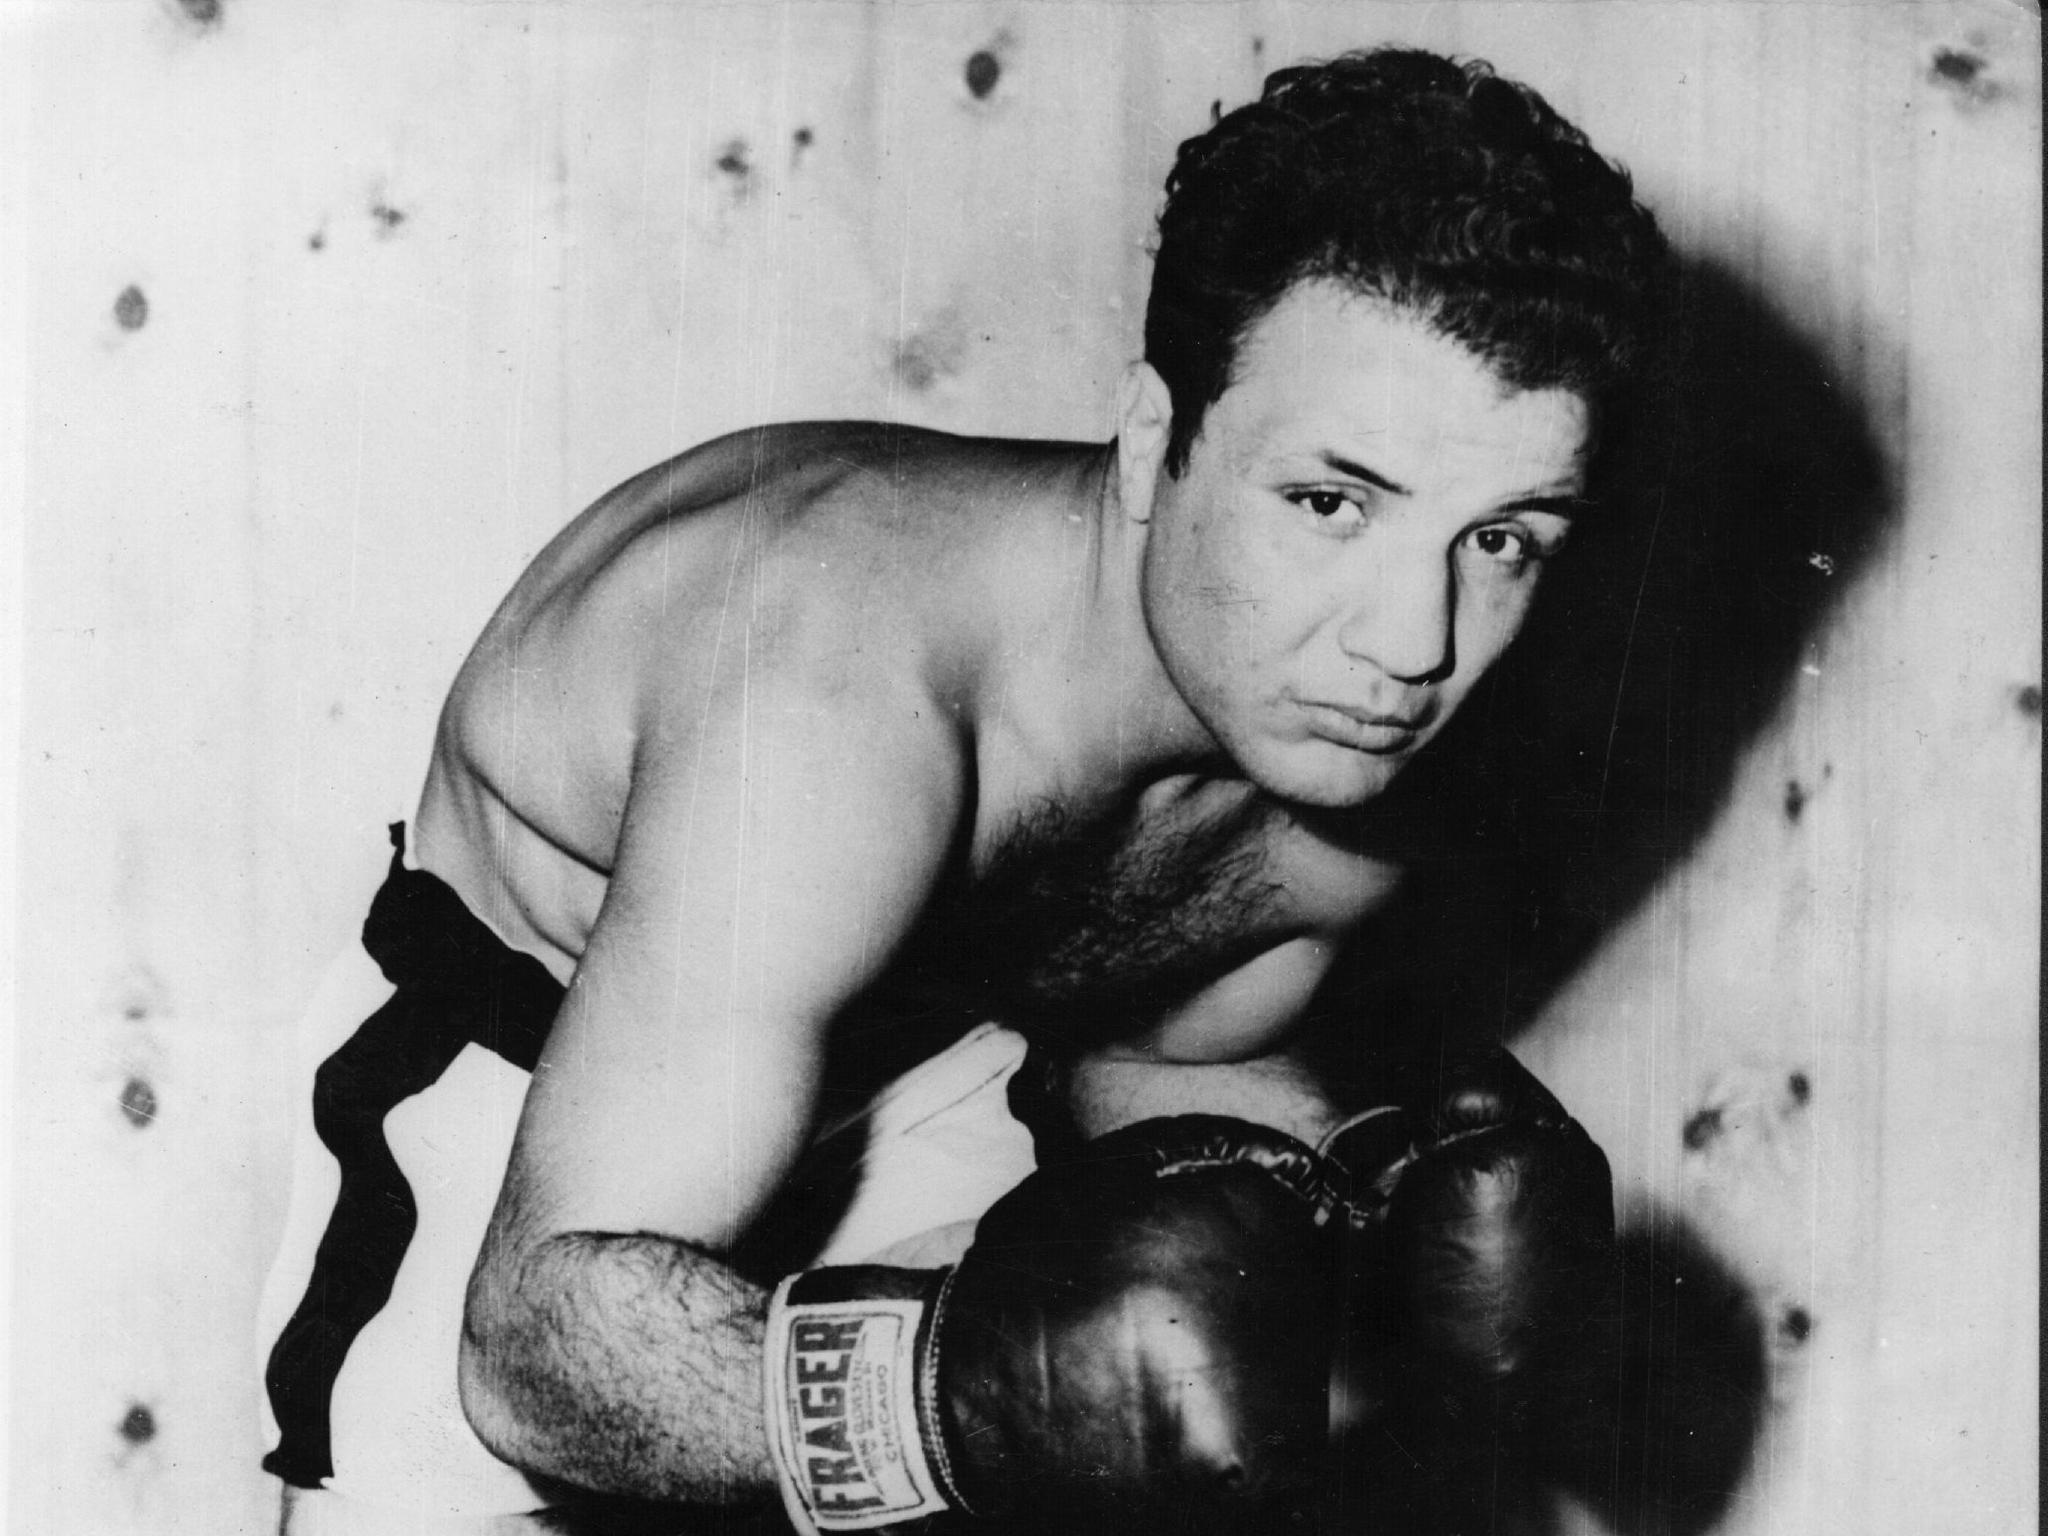 Legendary boxer Jake LaMotta has died